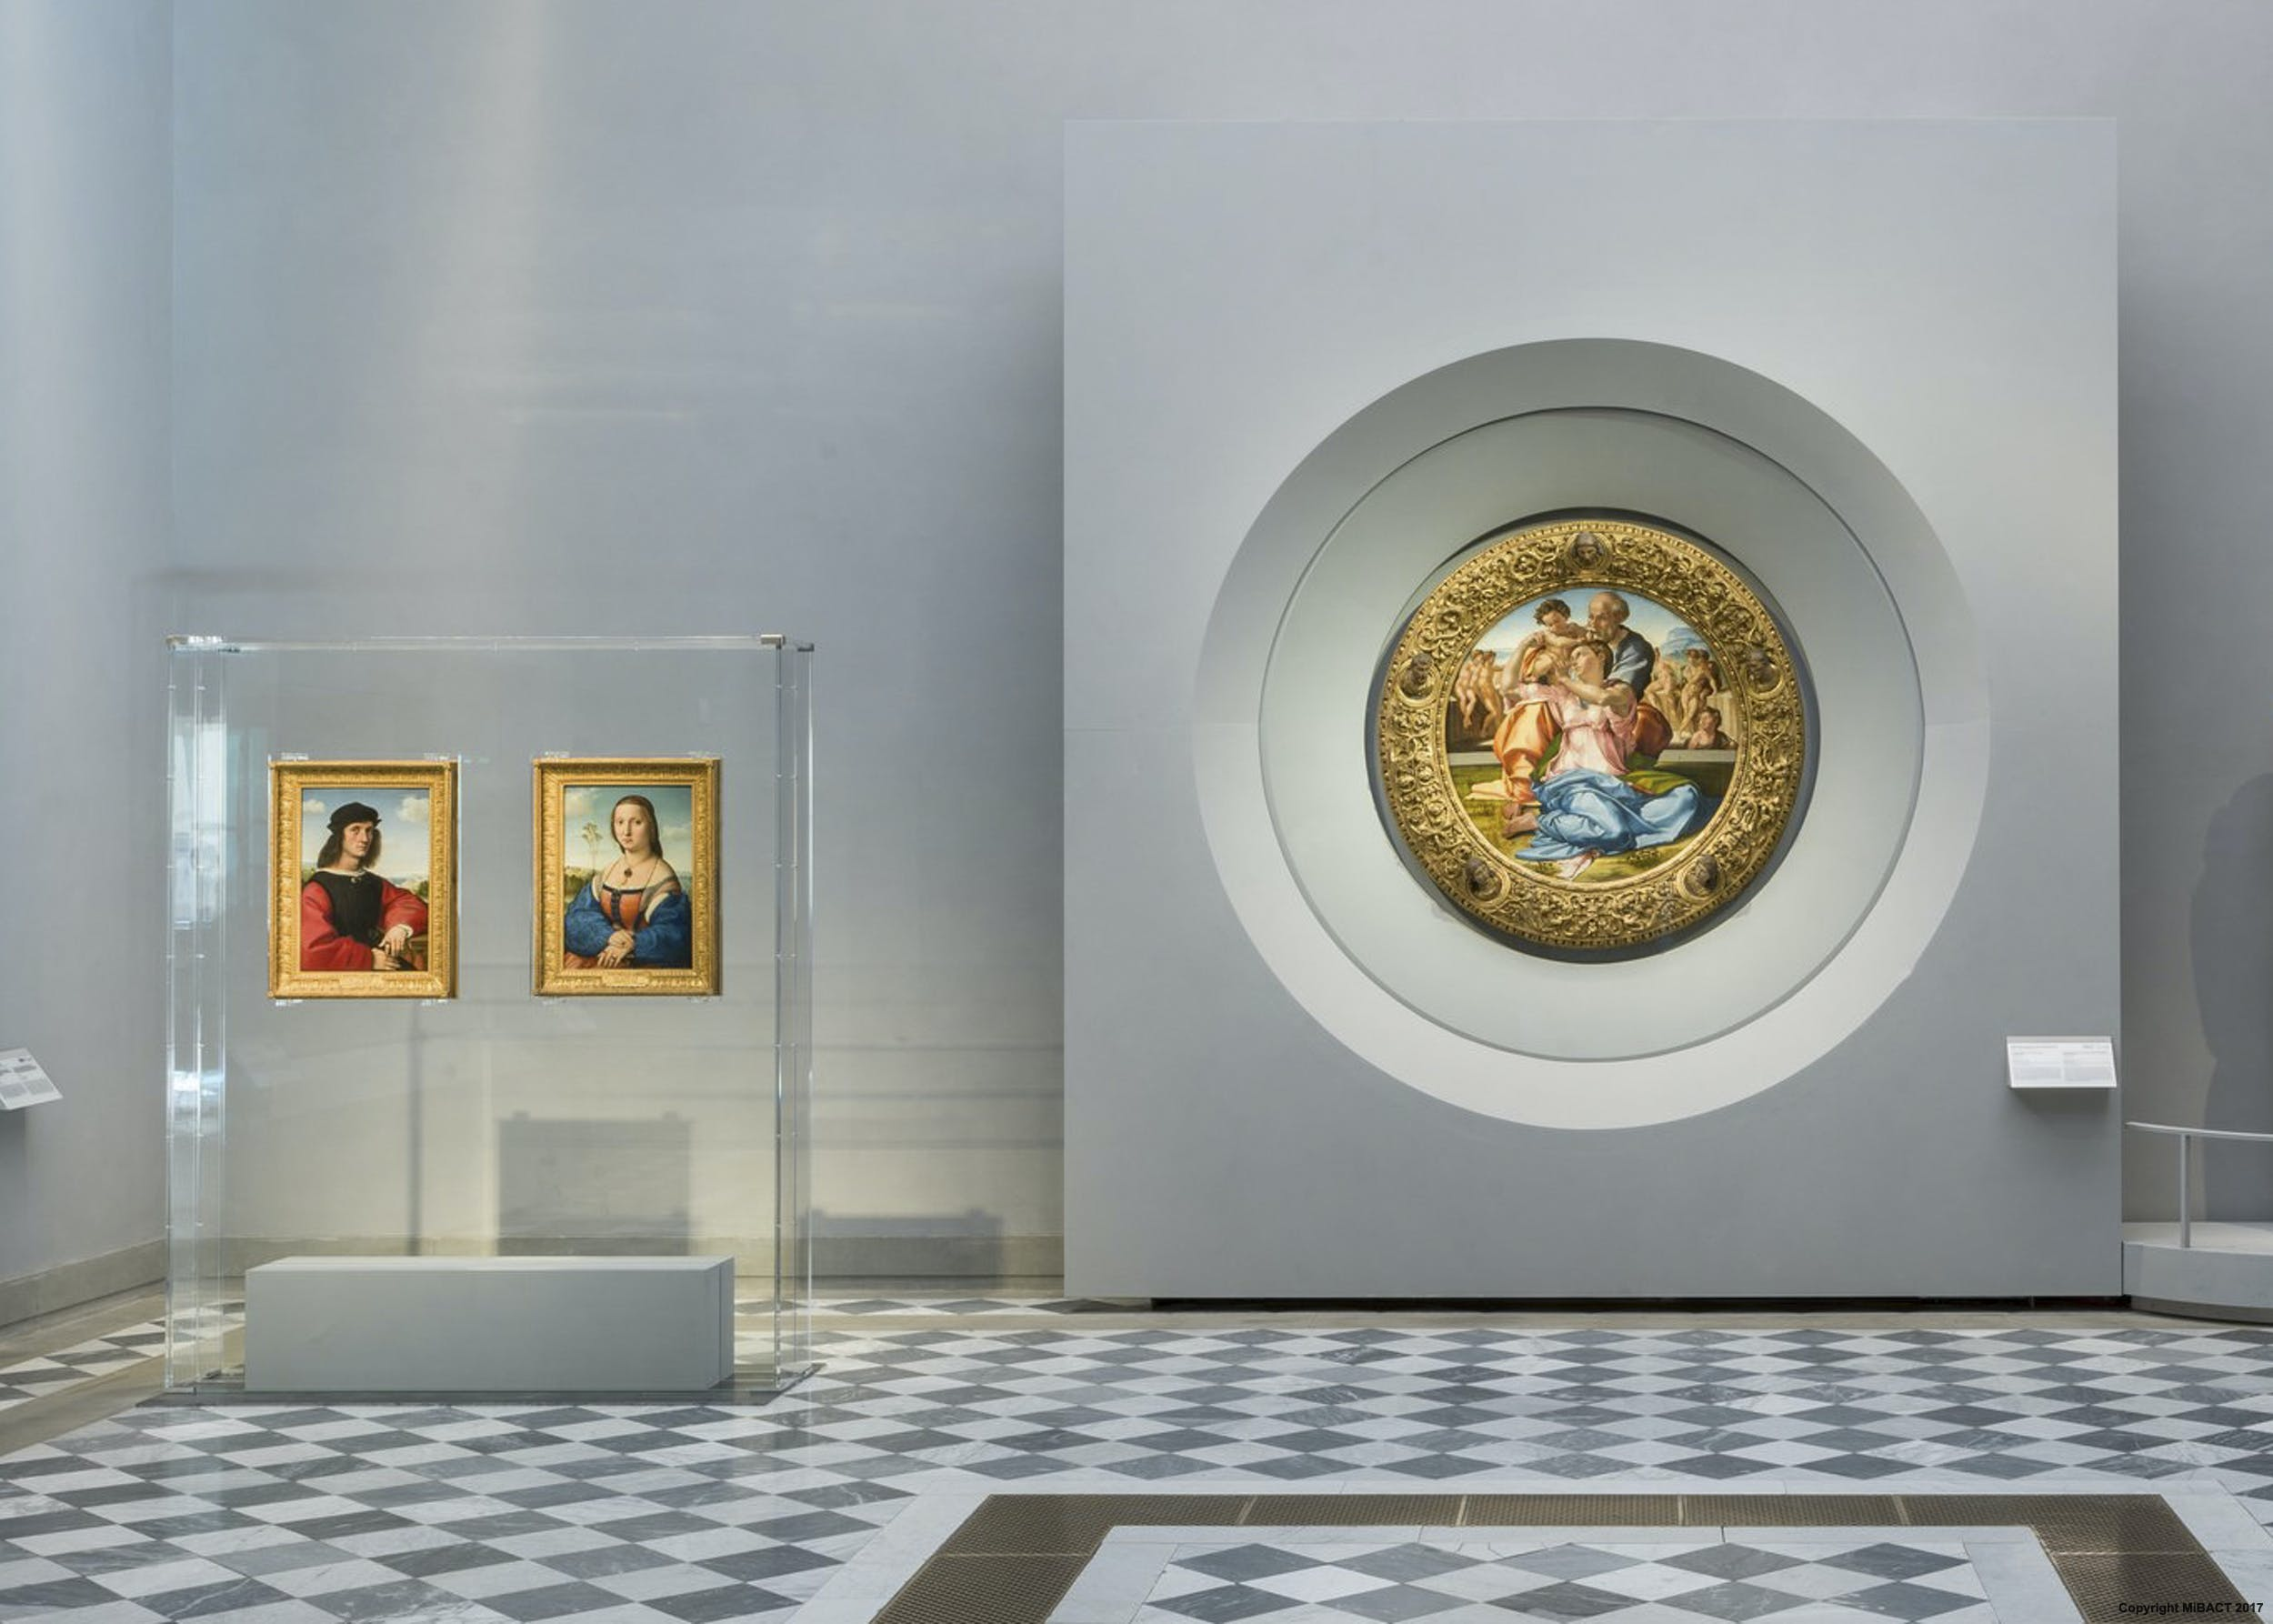 I ritratti e il Tondo Doni nel nuovo allestimento della sala 41 | | The new settinf of room 41 with the portraits and the Tondo Doni